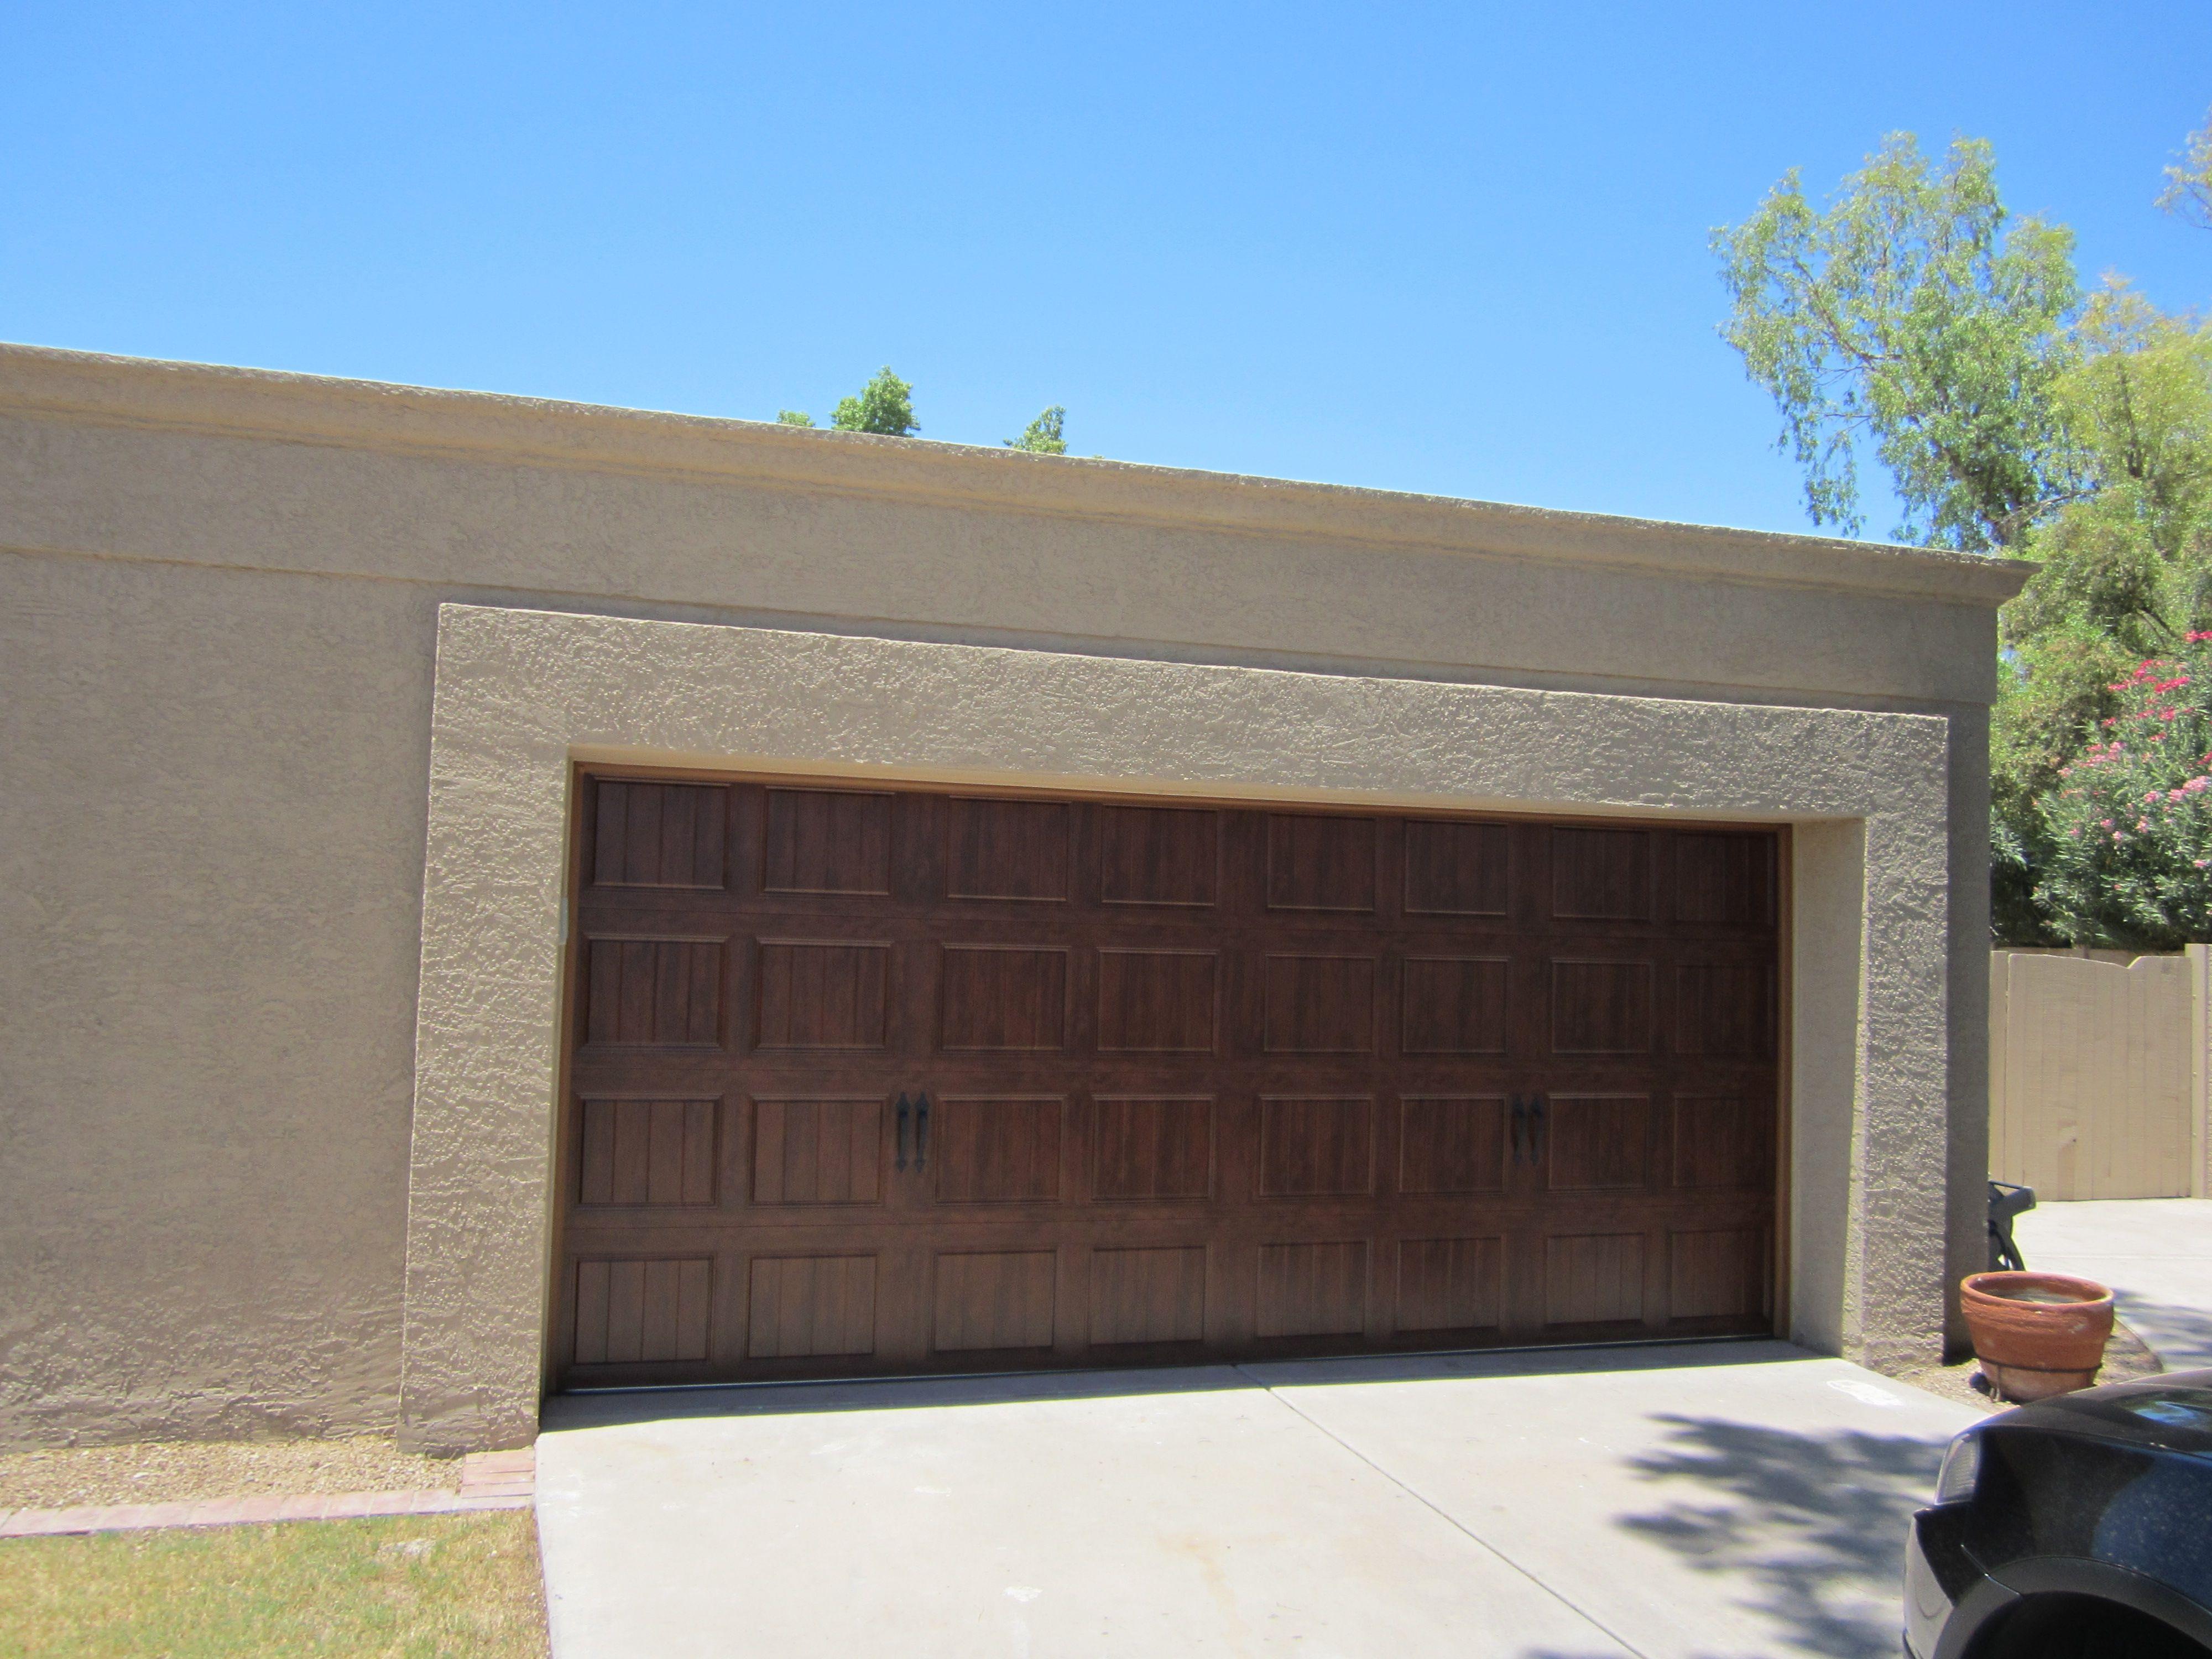 A1 Garage Door Service Llc In Milwaukee Wi Garage Service Door Garage Doors New Vines